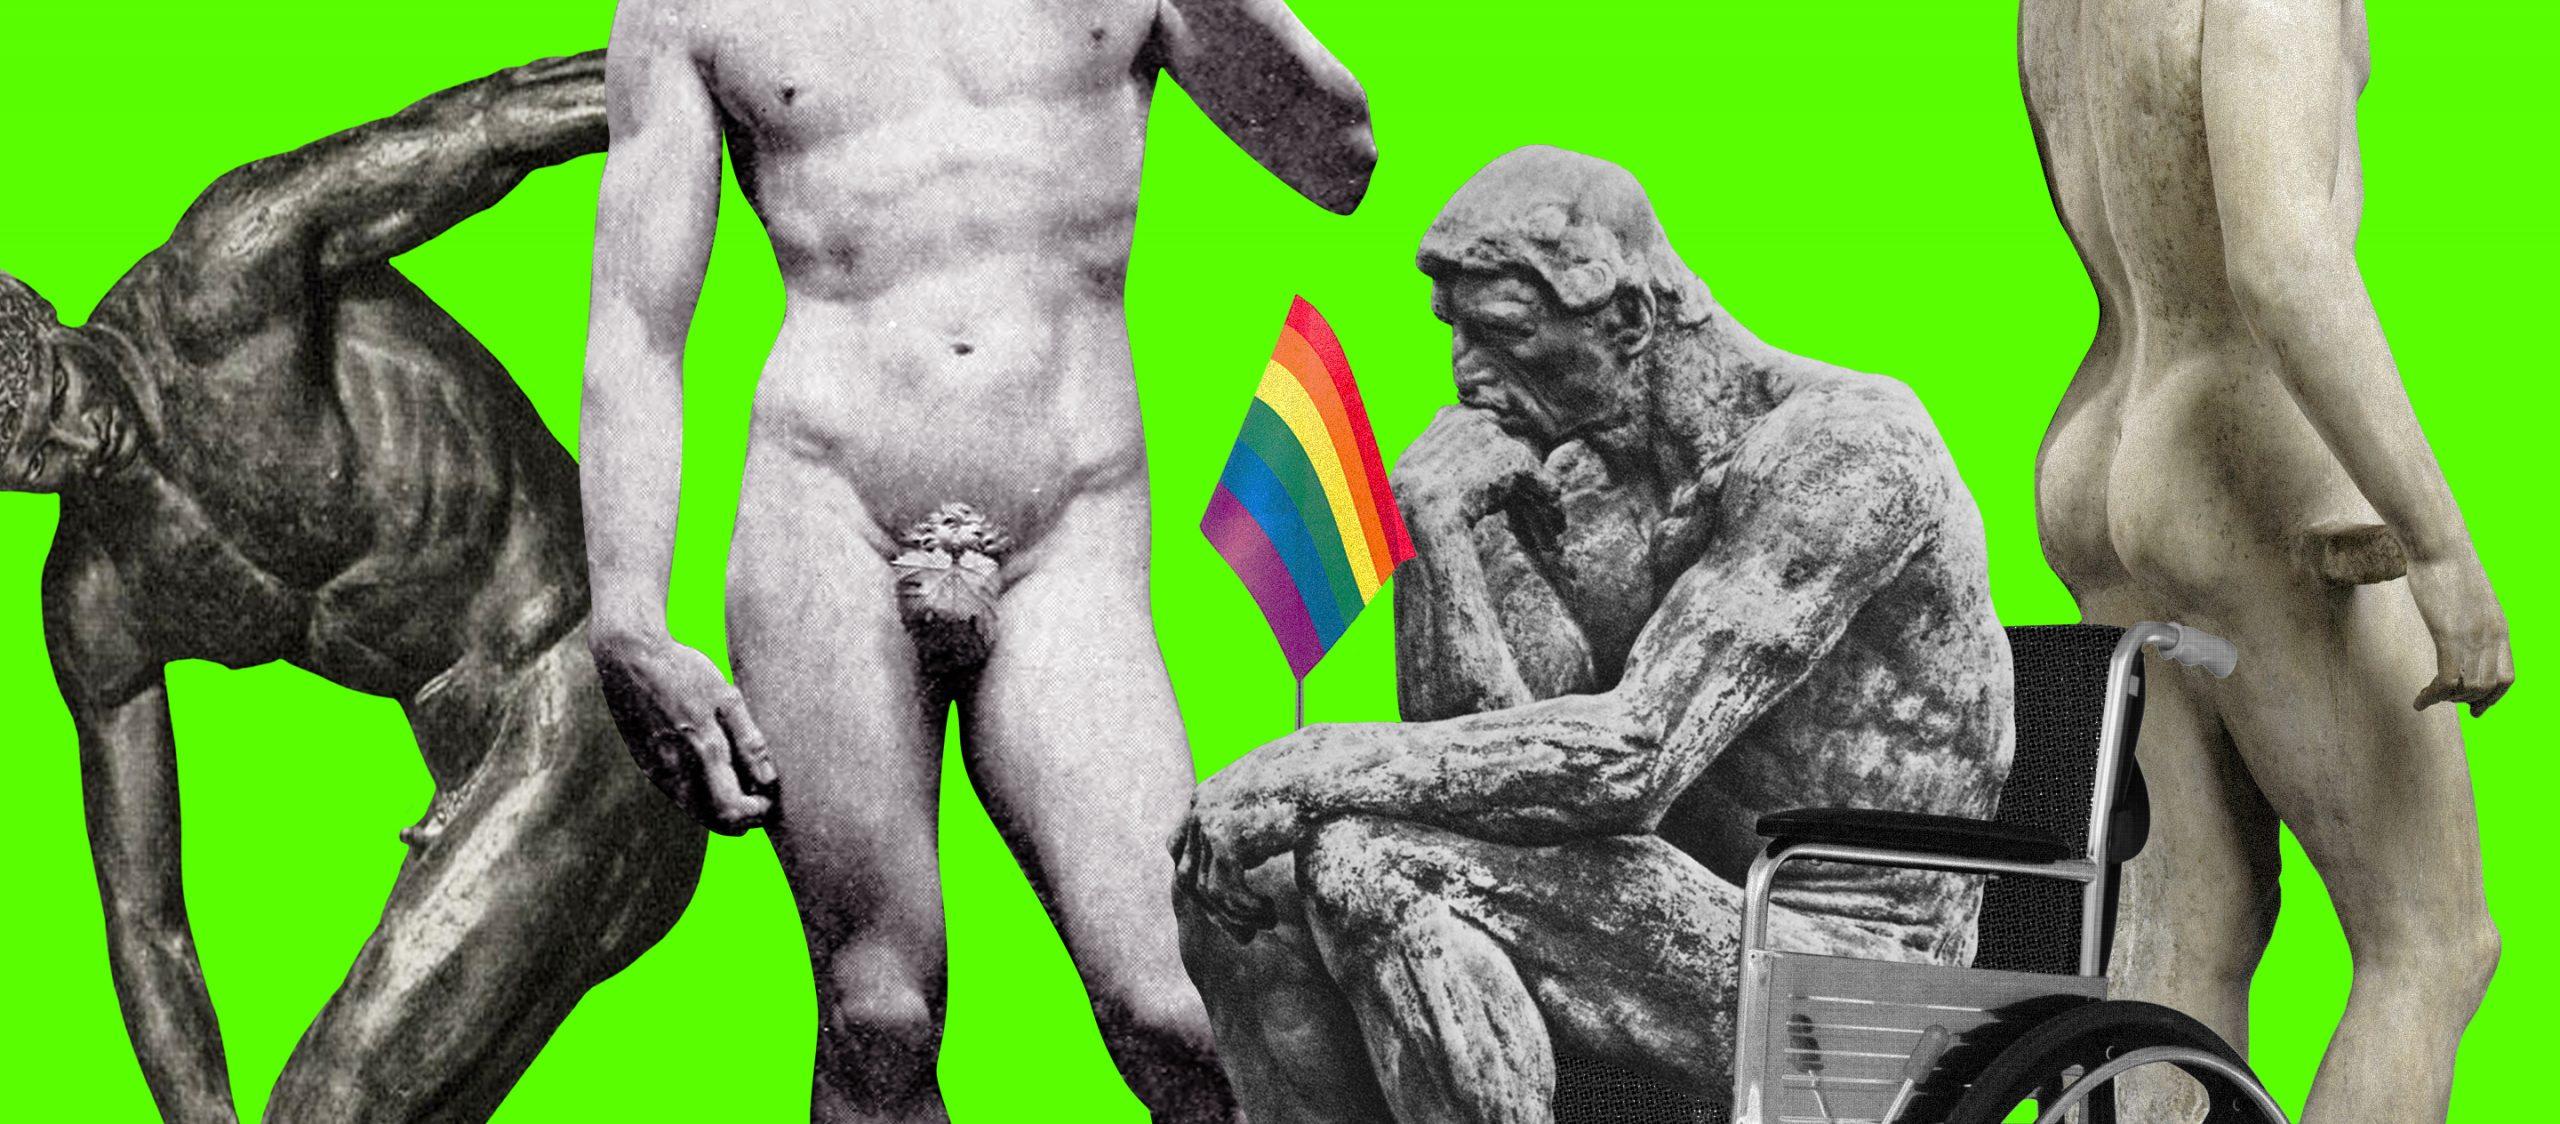 Crip กับ Queer ความสัมพันธ์เชิงซ้อนของความพิการและความหลากหลายทางเพศ